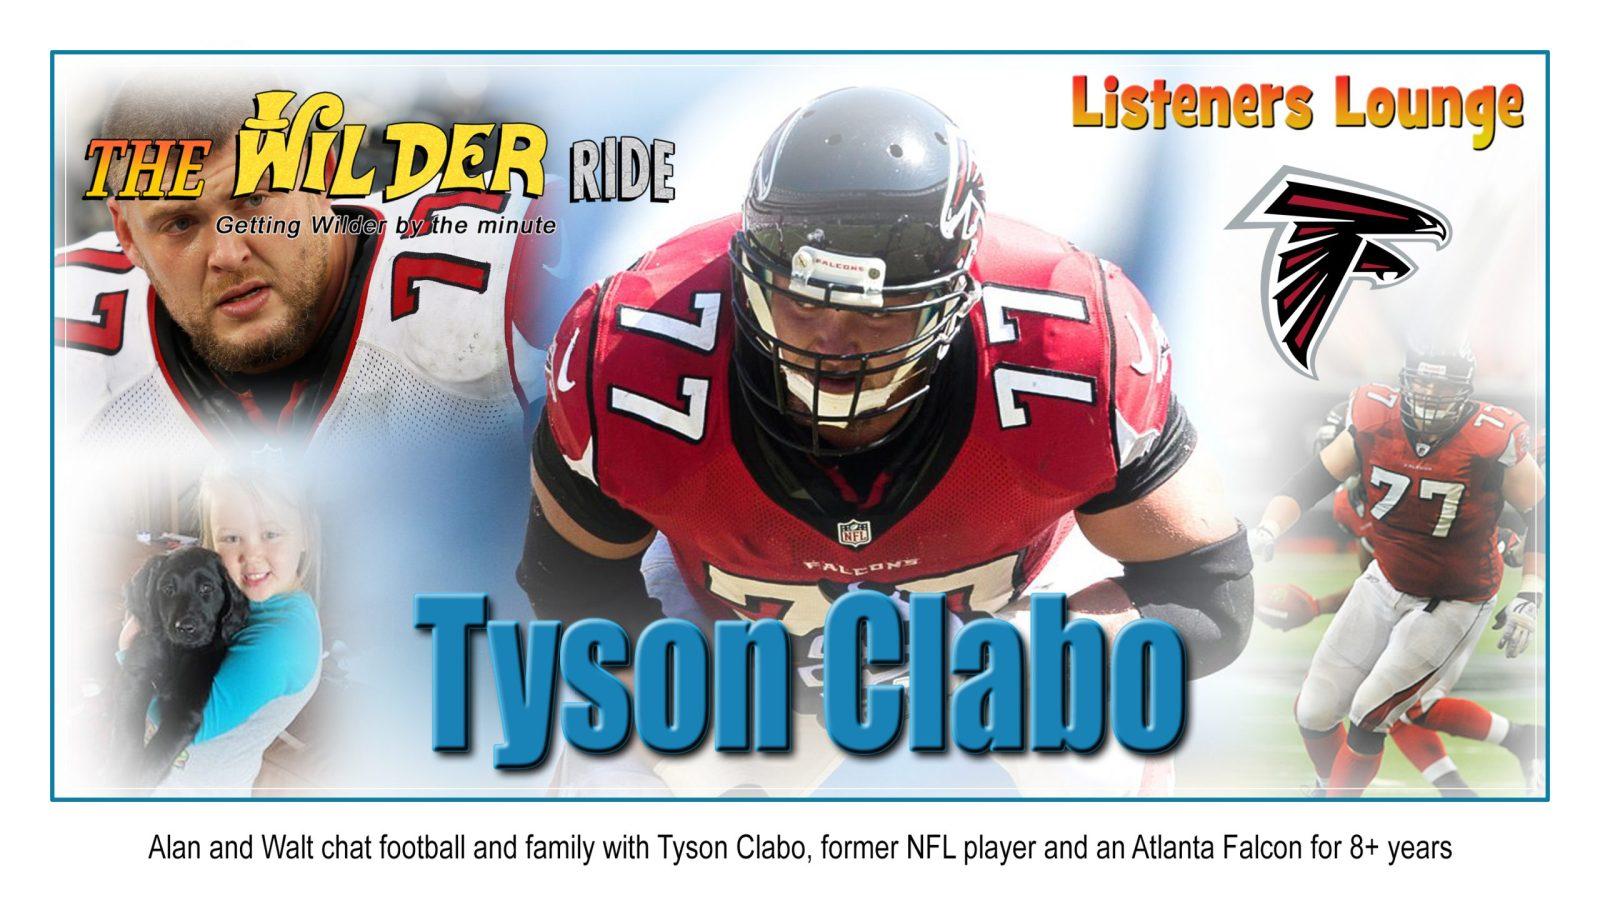 Tyson Clabo